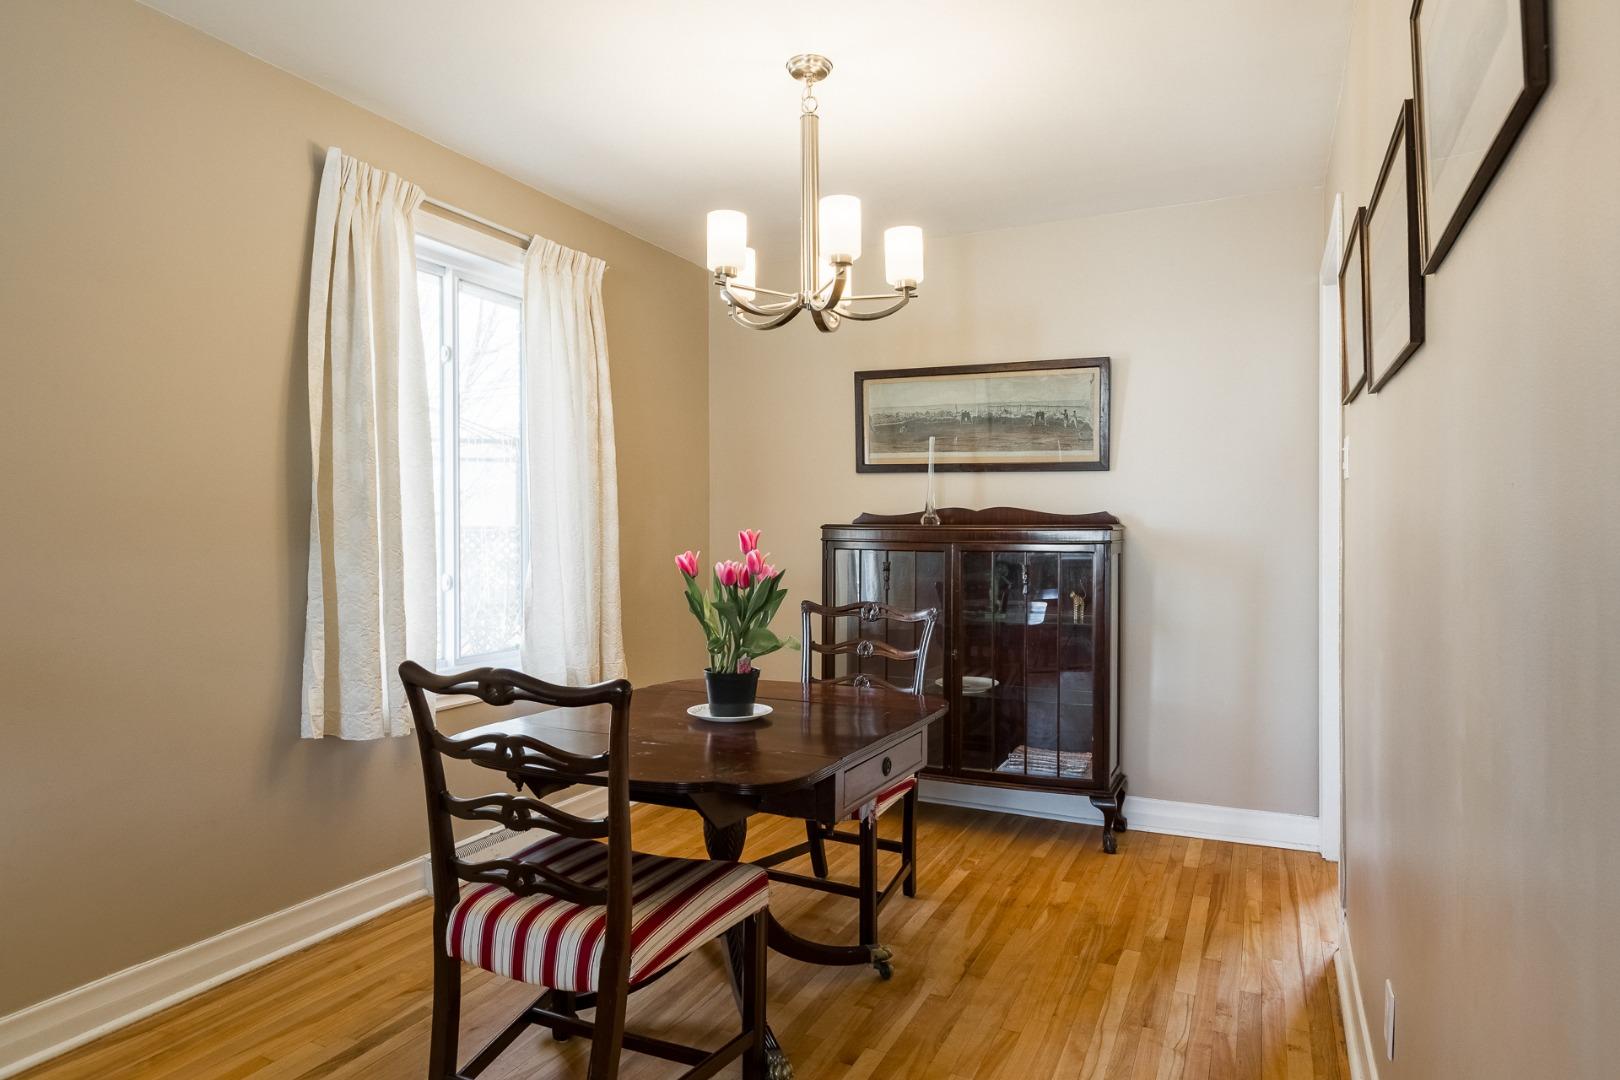 Maison à vendre_-_4351_rue_gilles_-_pierrefonds_-_steve_rouleau_-_al09.jpg